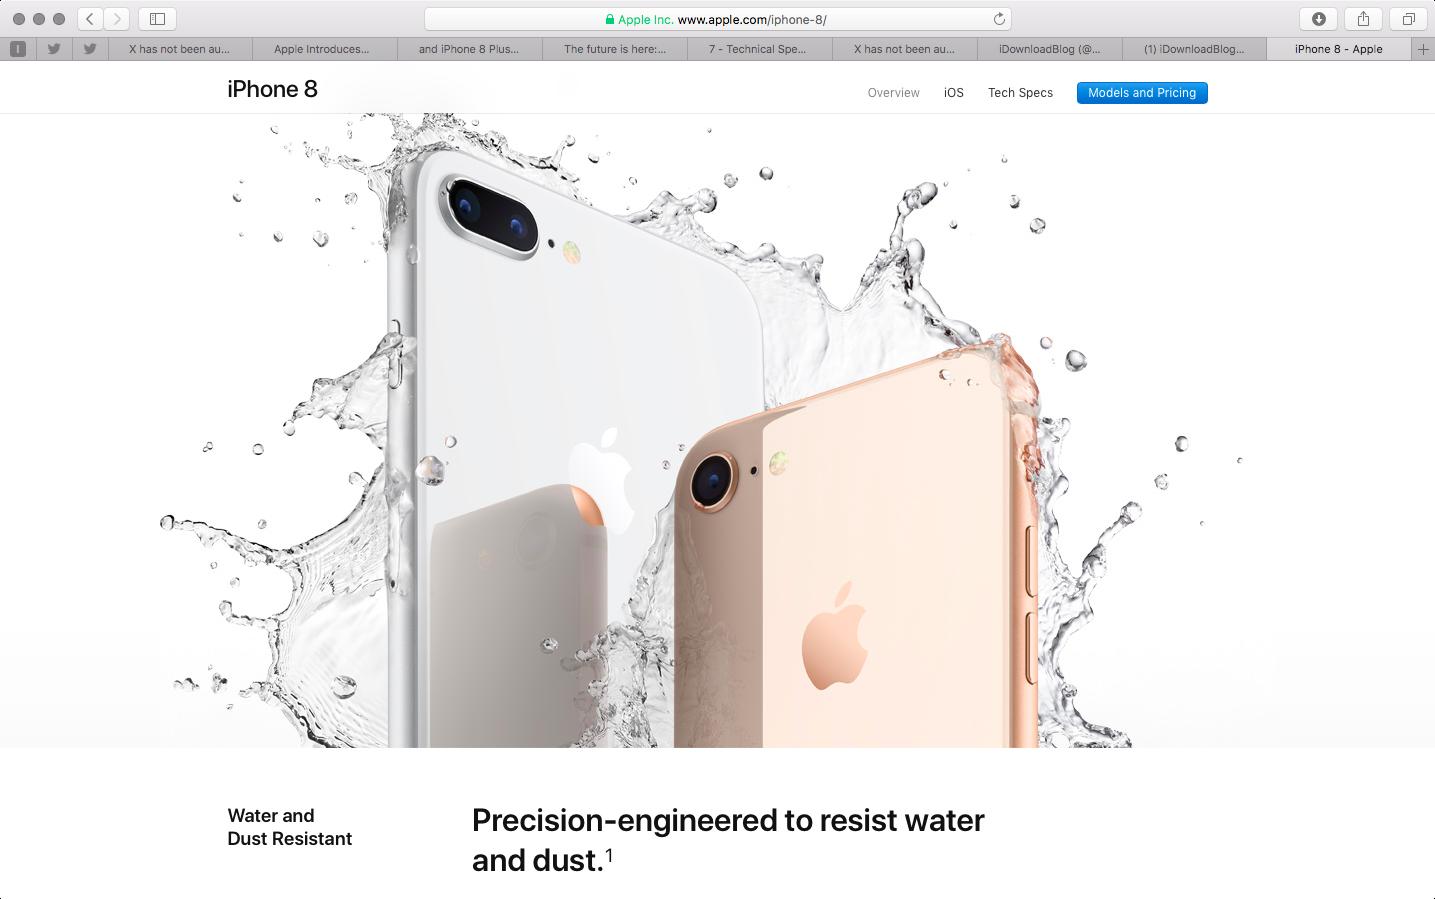 Apple quảng cáo tính năng chống nước của iPhone 8 trên website.